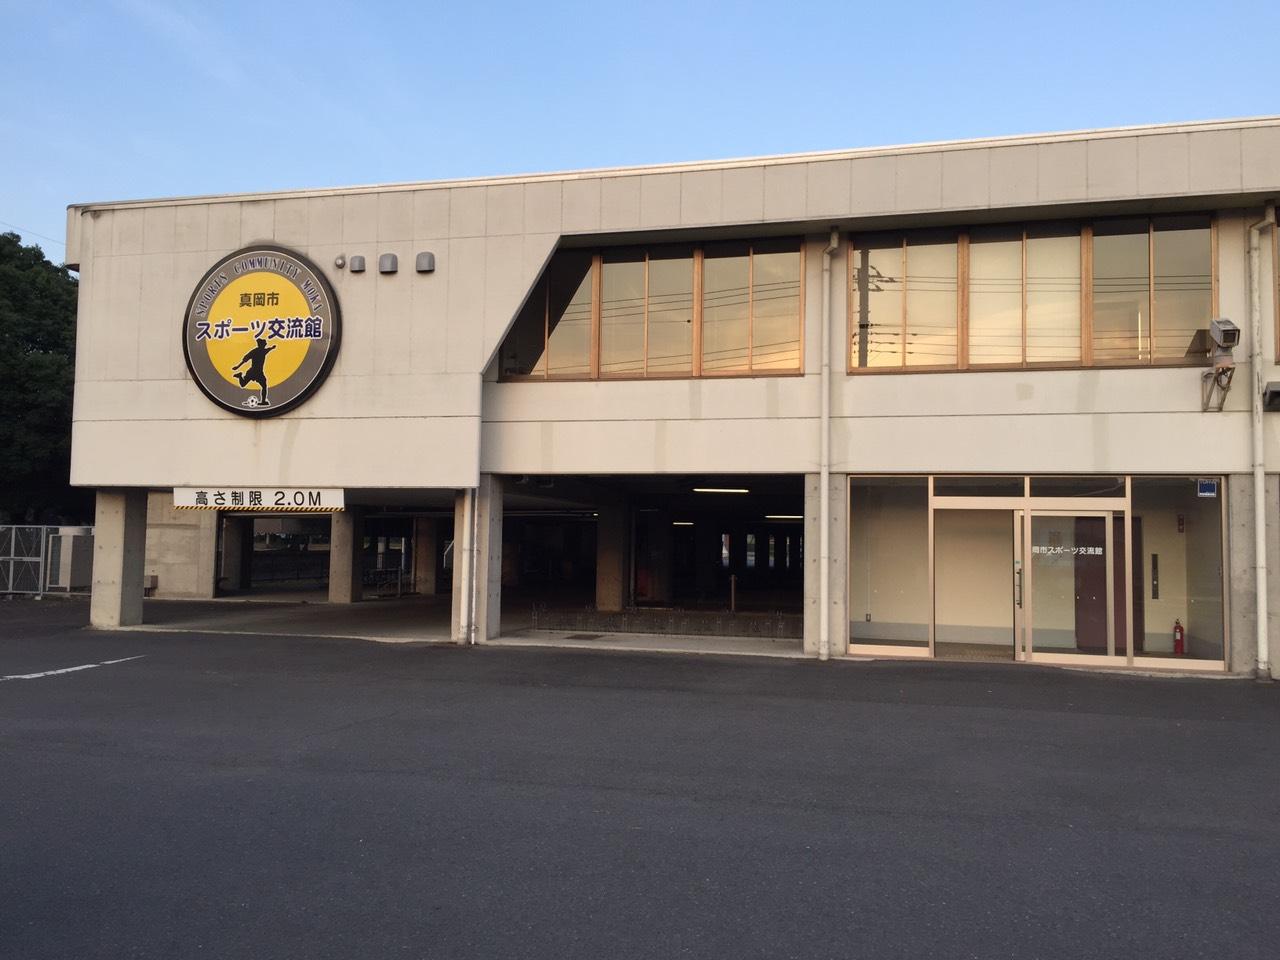 真岡市スポーツ交流館 フットサルコート